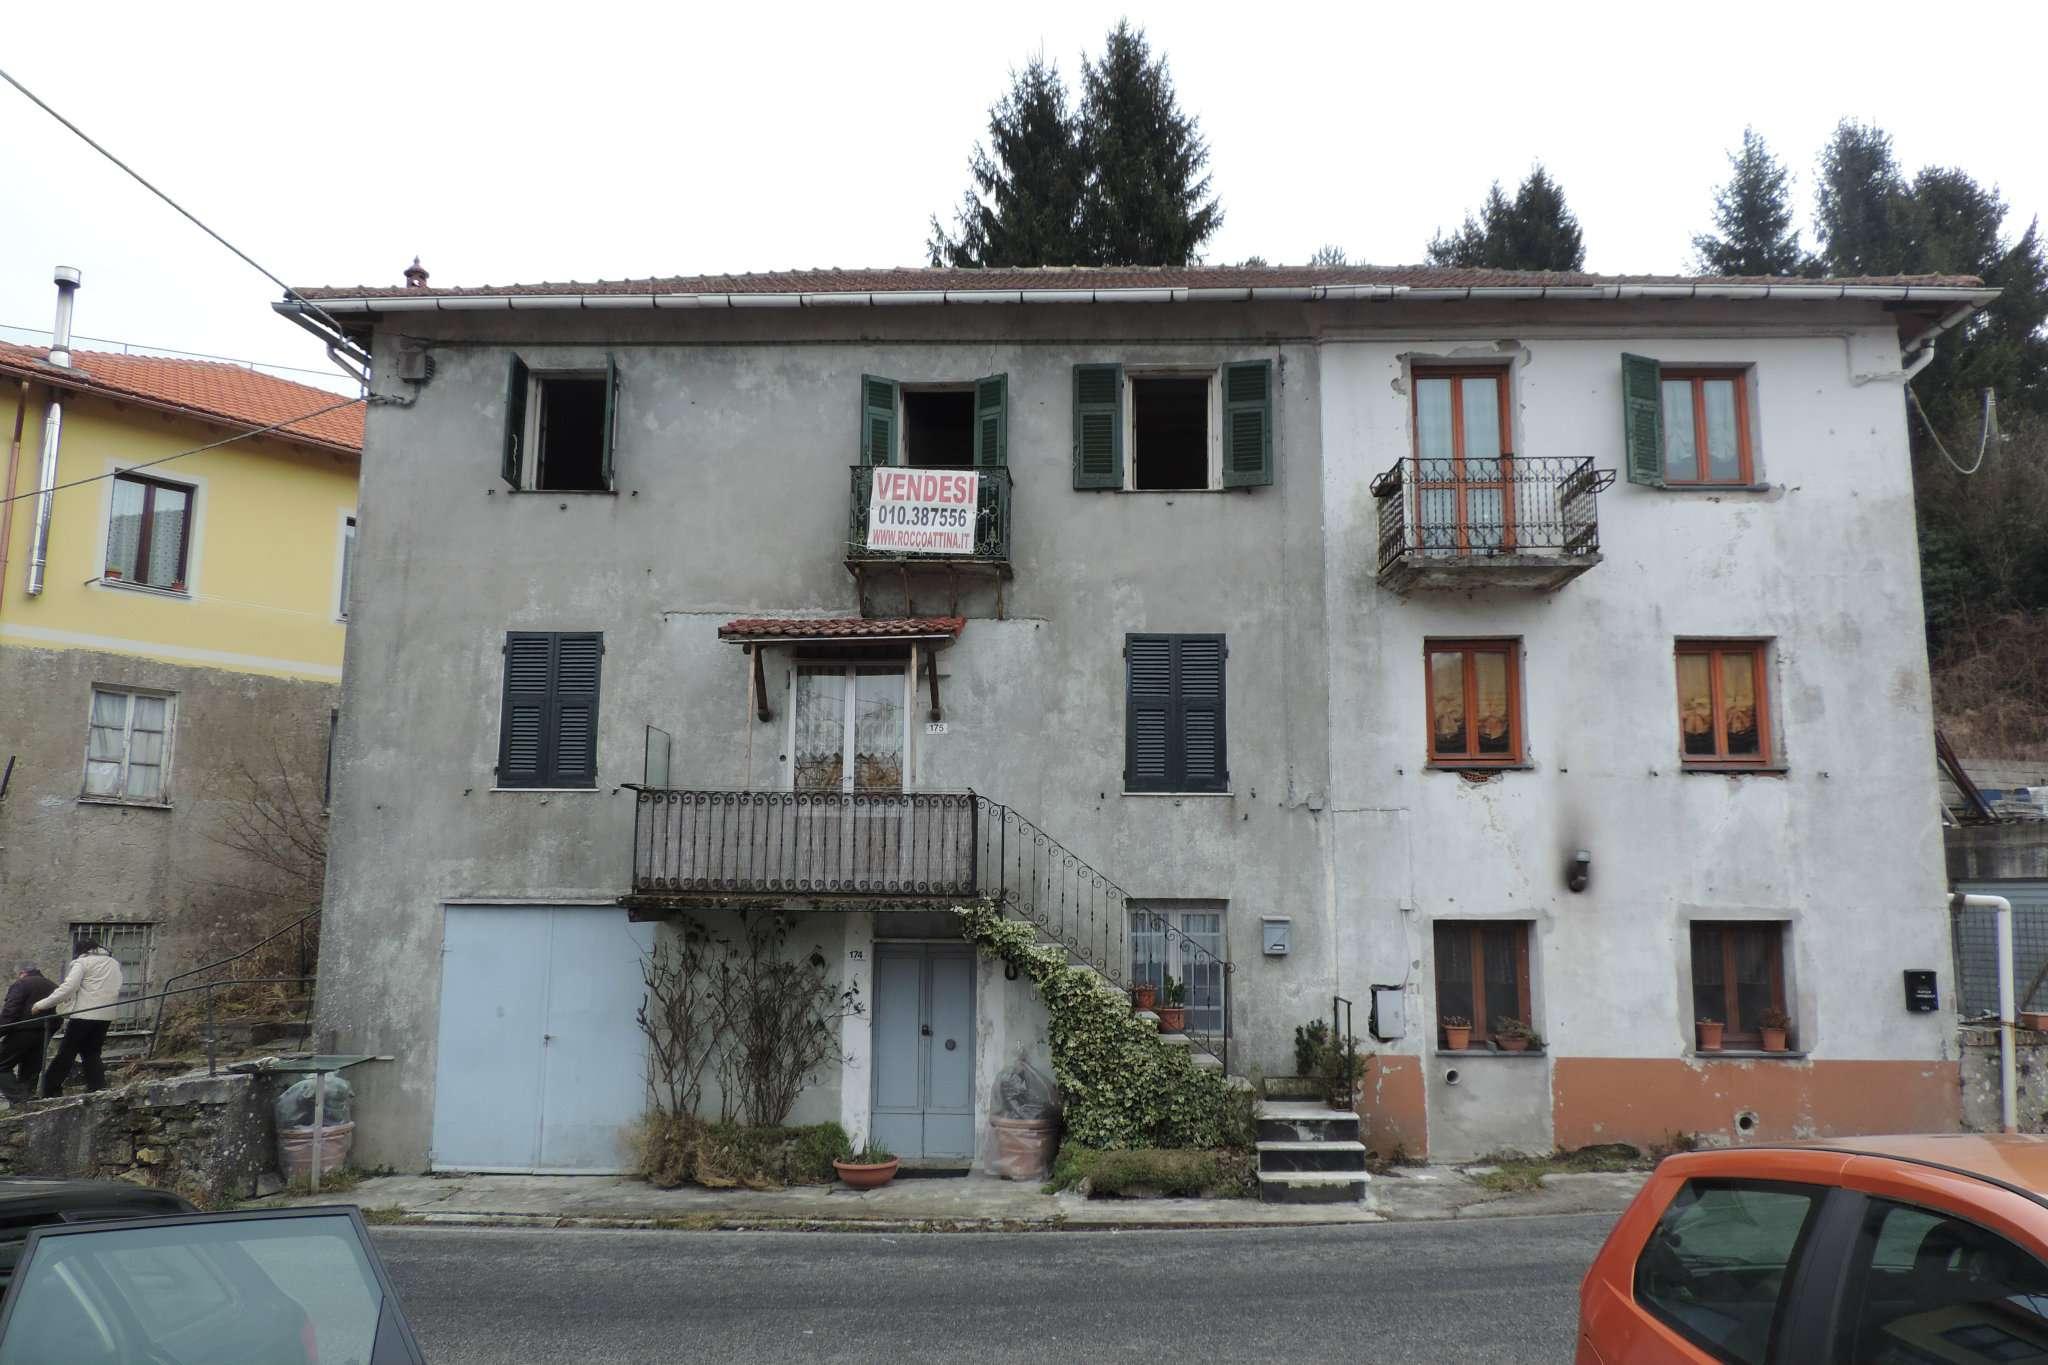 Appartamento in vendita a Torriglia, 6 locali, prezzo € 18.000 | Cambio Casa.it